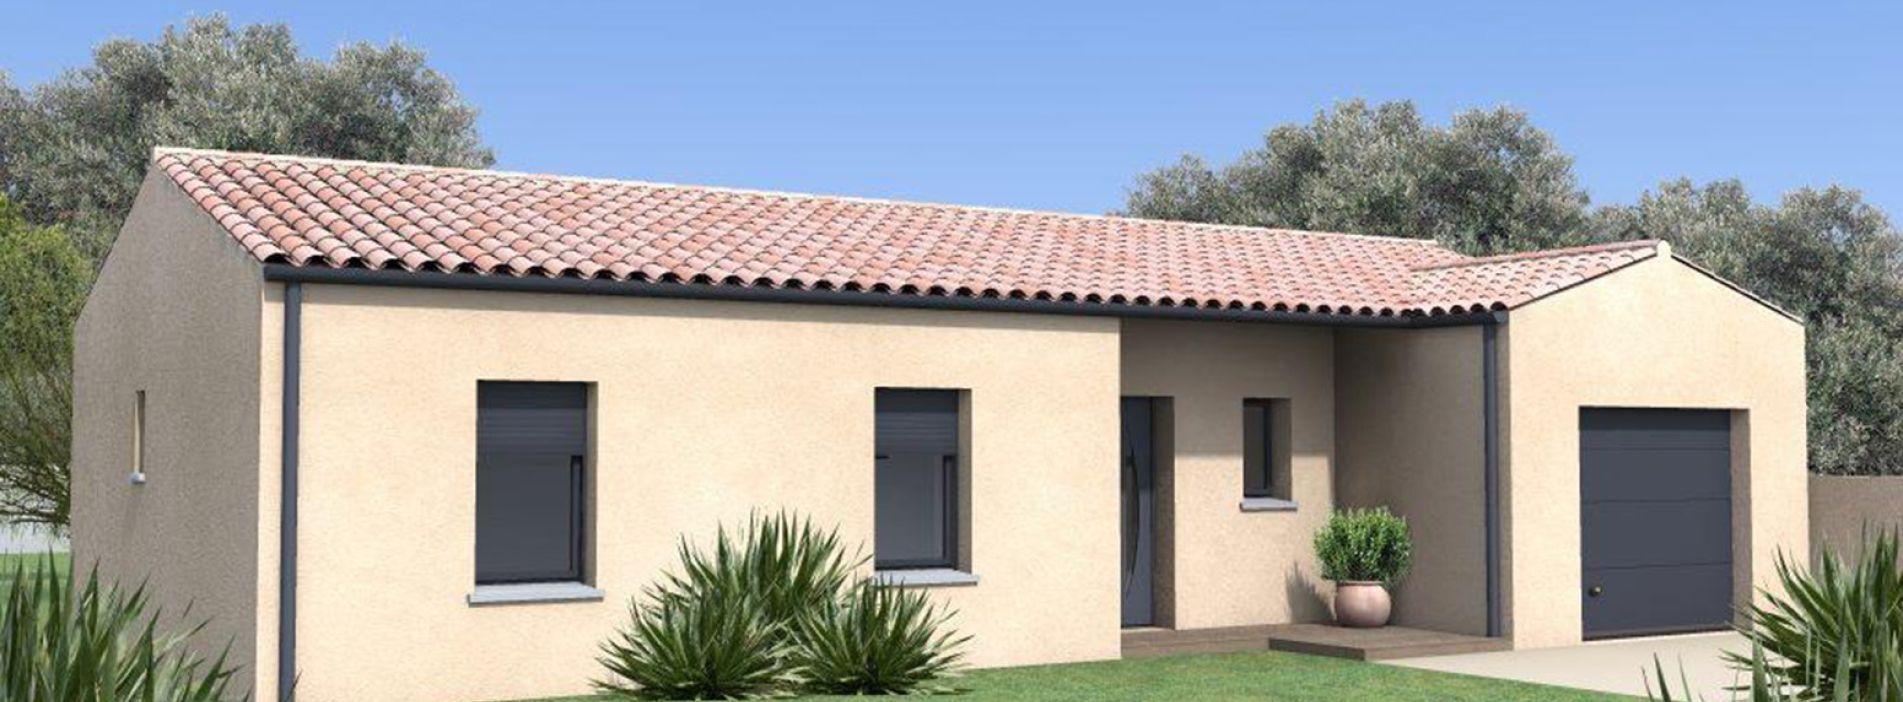 Image Maison 114.69 m² avec terrain à SAINT-DENIS-DE-PILE